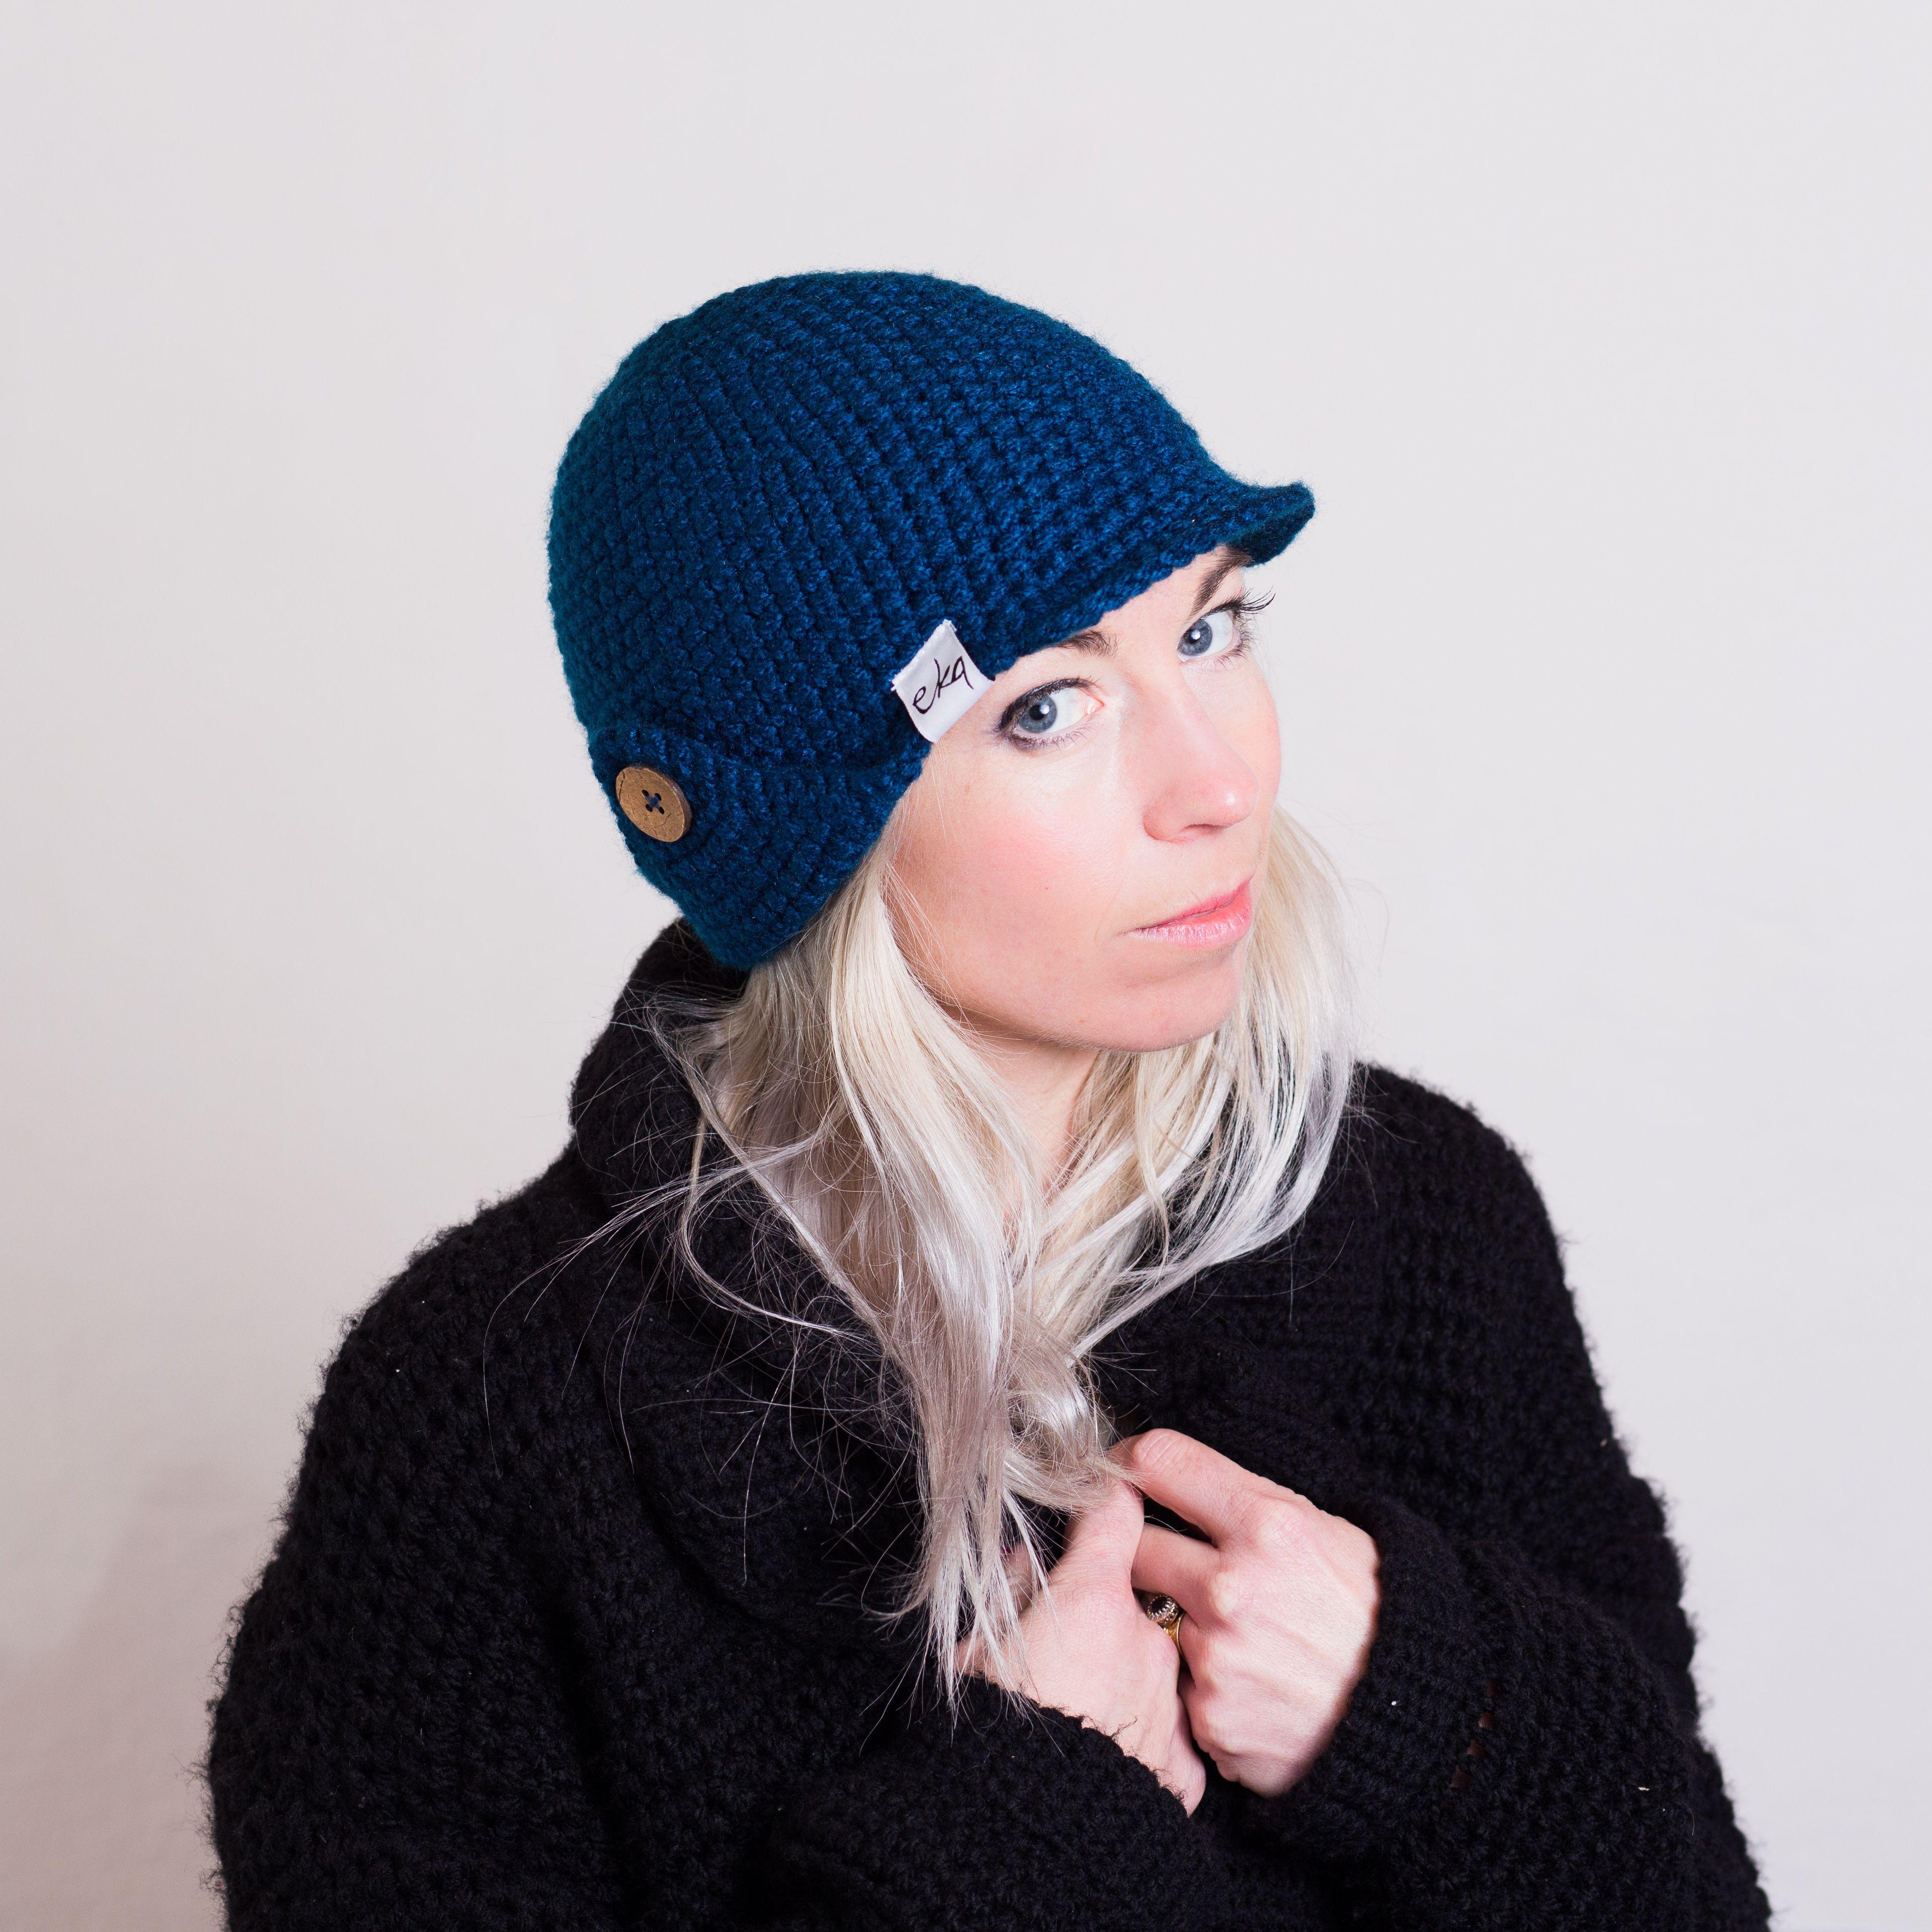 Handmade Crochet Deerstalker Hat